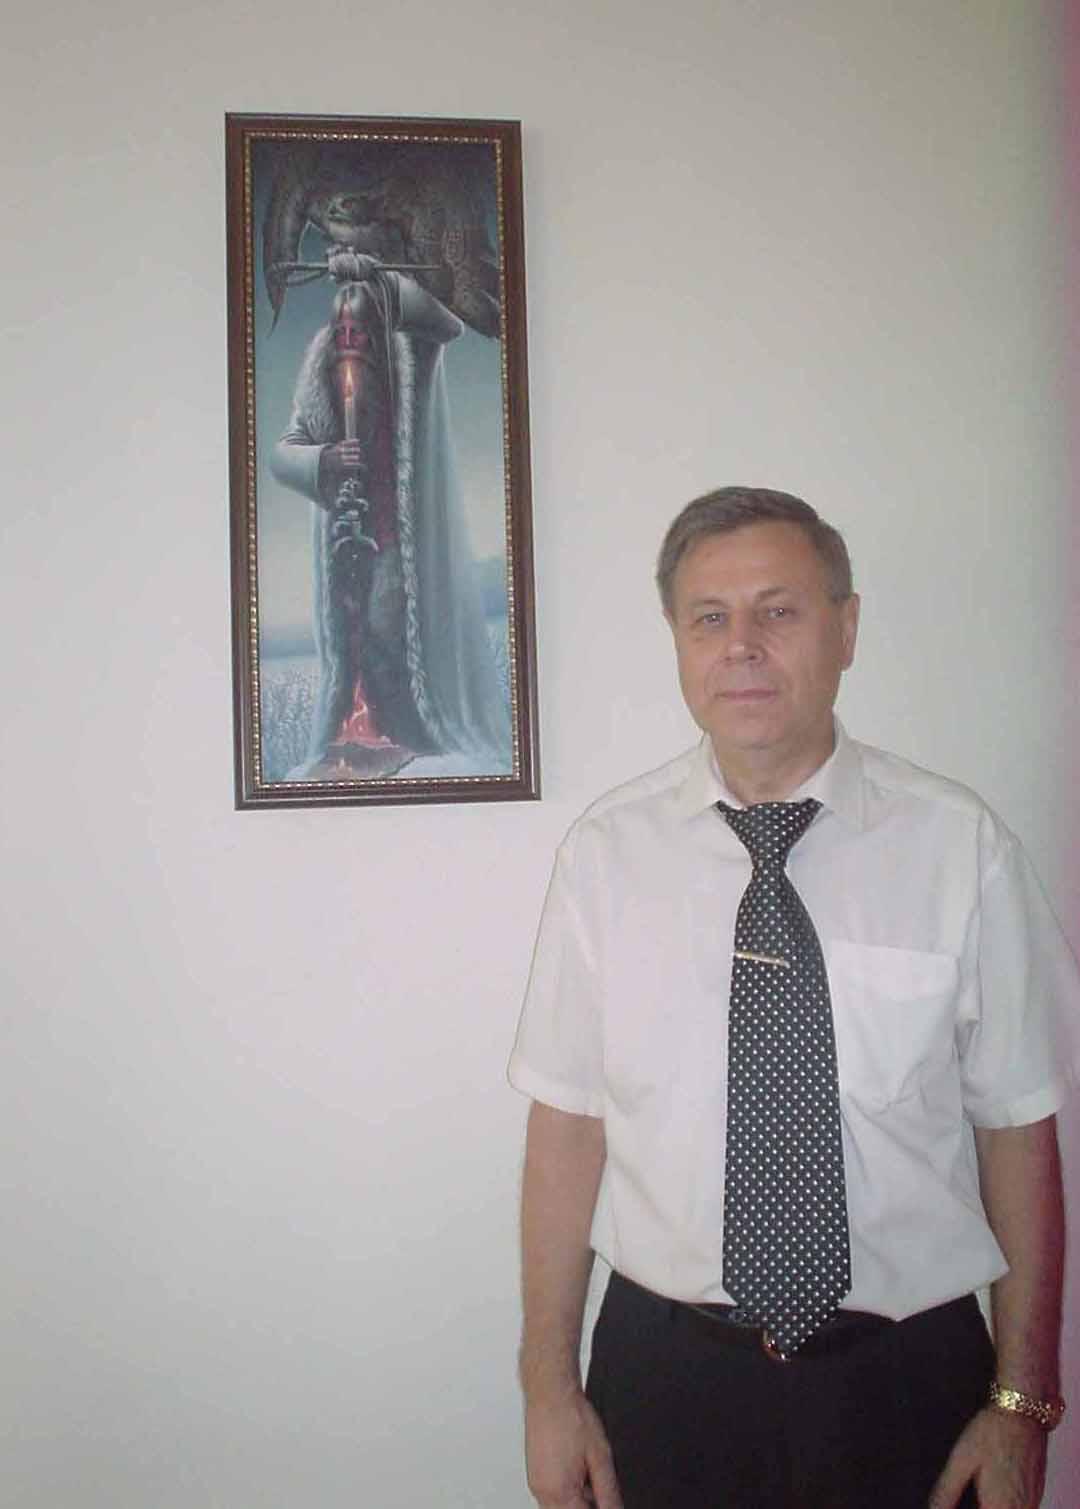 ЕВГЕНИЙ ТАРАСОВ КНИГИ О СЛАВЯНАХ СКАЧАТЬ БЕСПЛАТНО